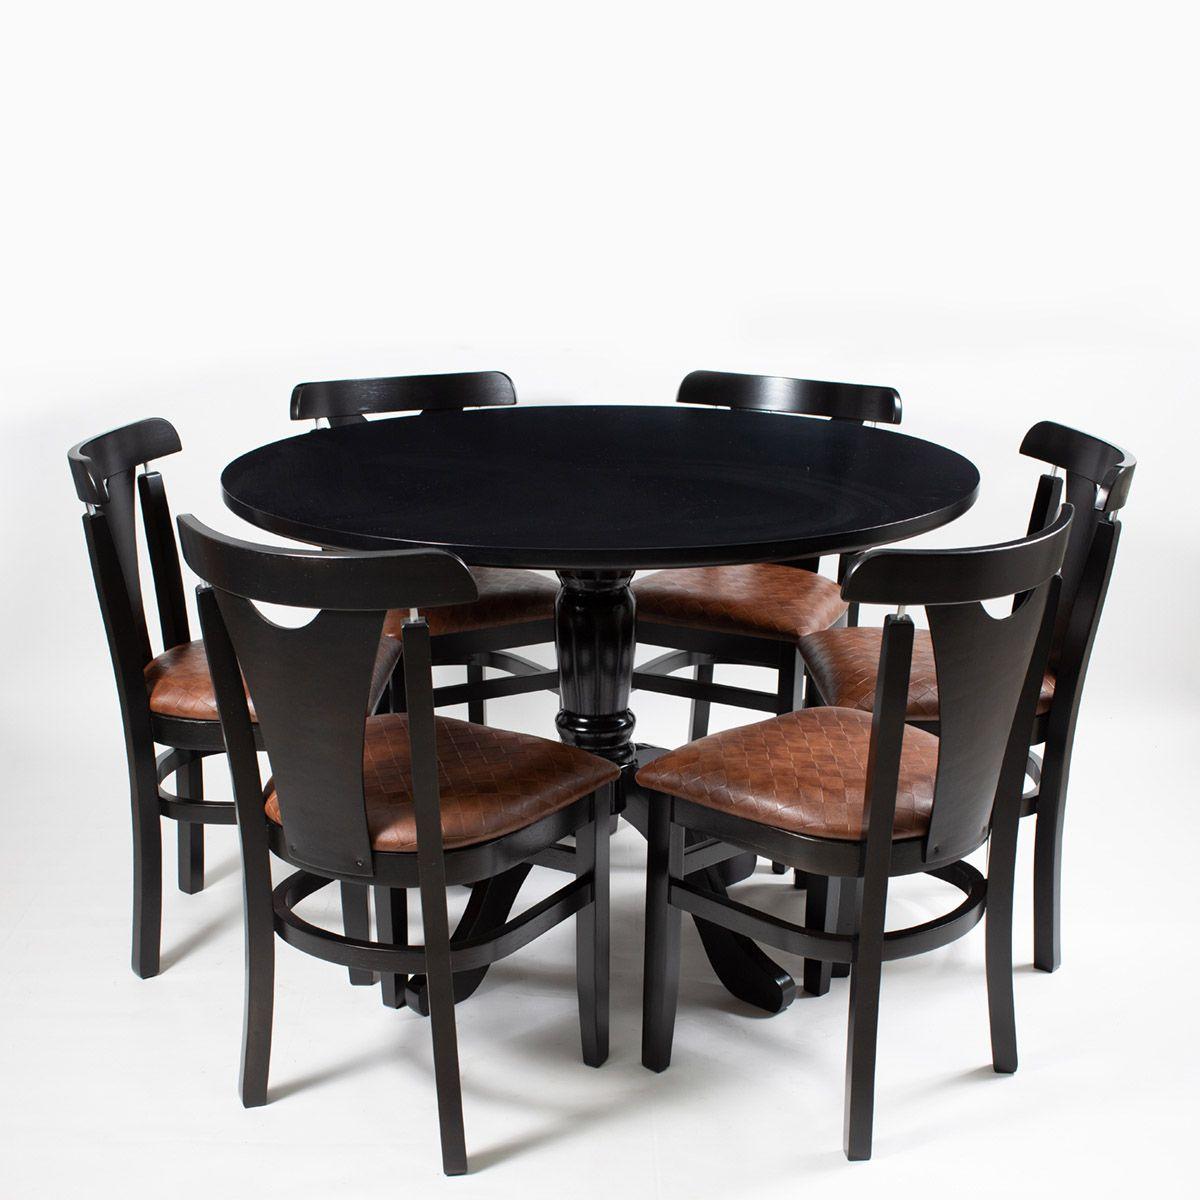 Jogo Mesa Redonda com 6 Cadeiras para Área de Churrasqueira